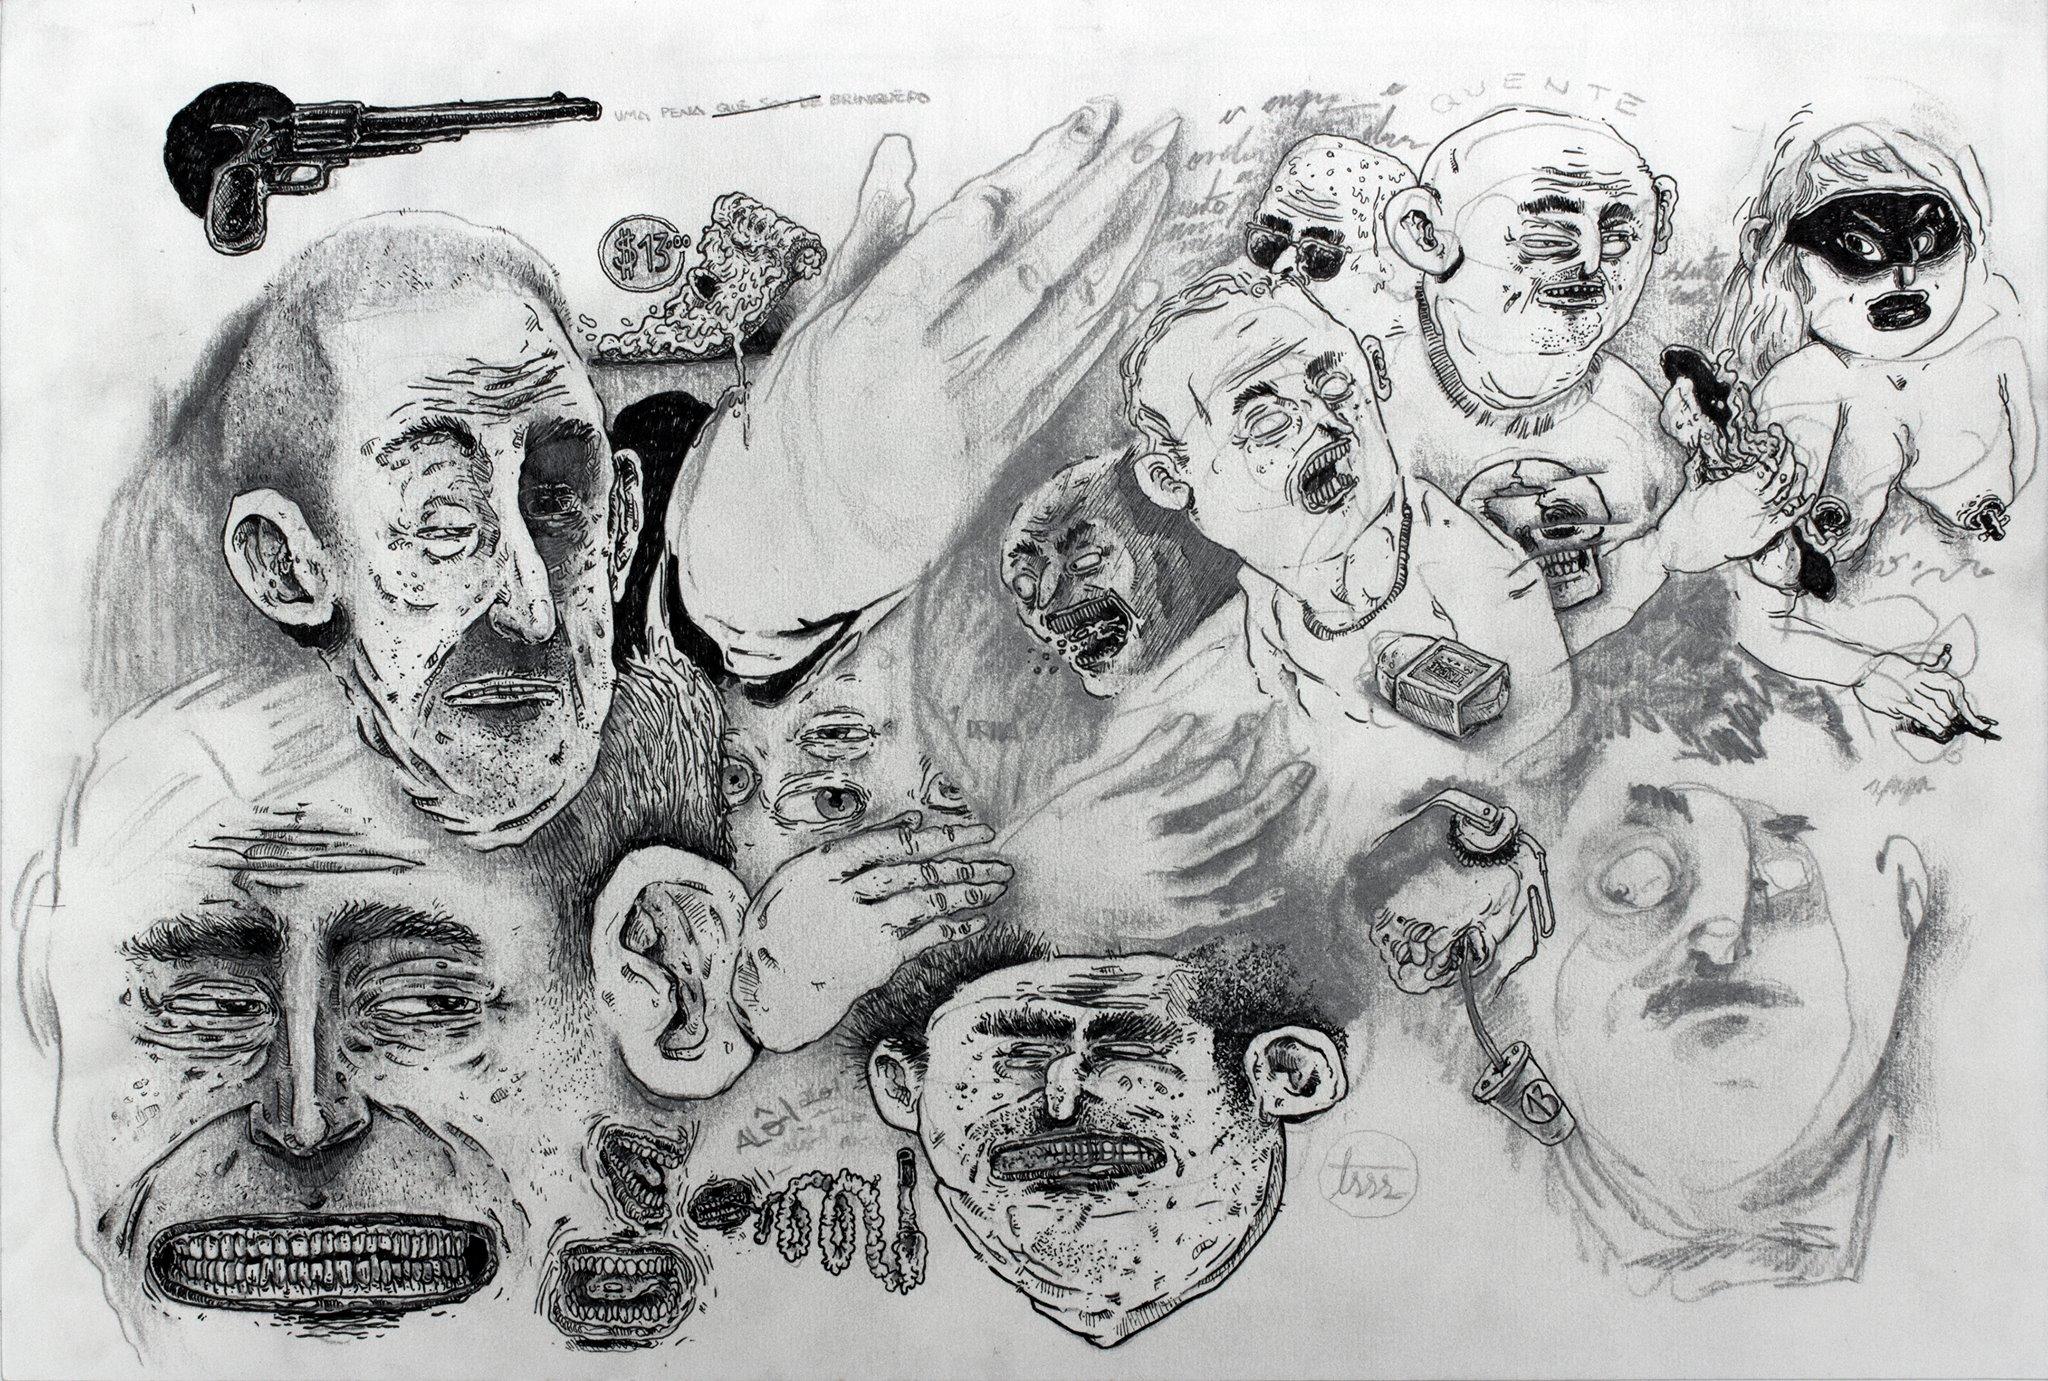 marcio-moreno-ilustração-entrevista-dionisio-arte-9